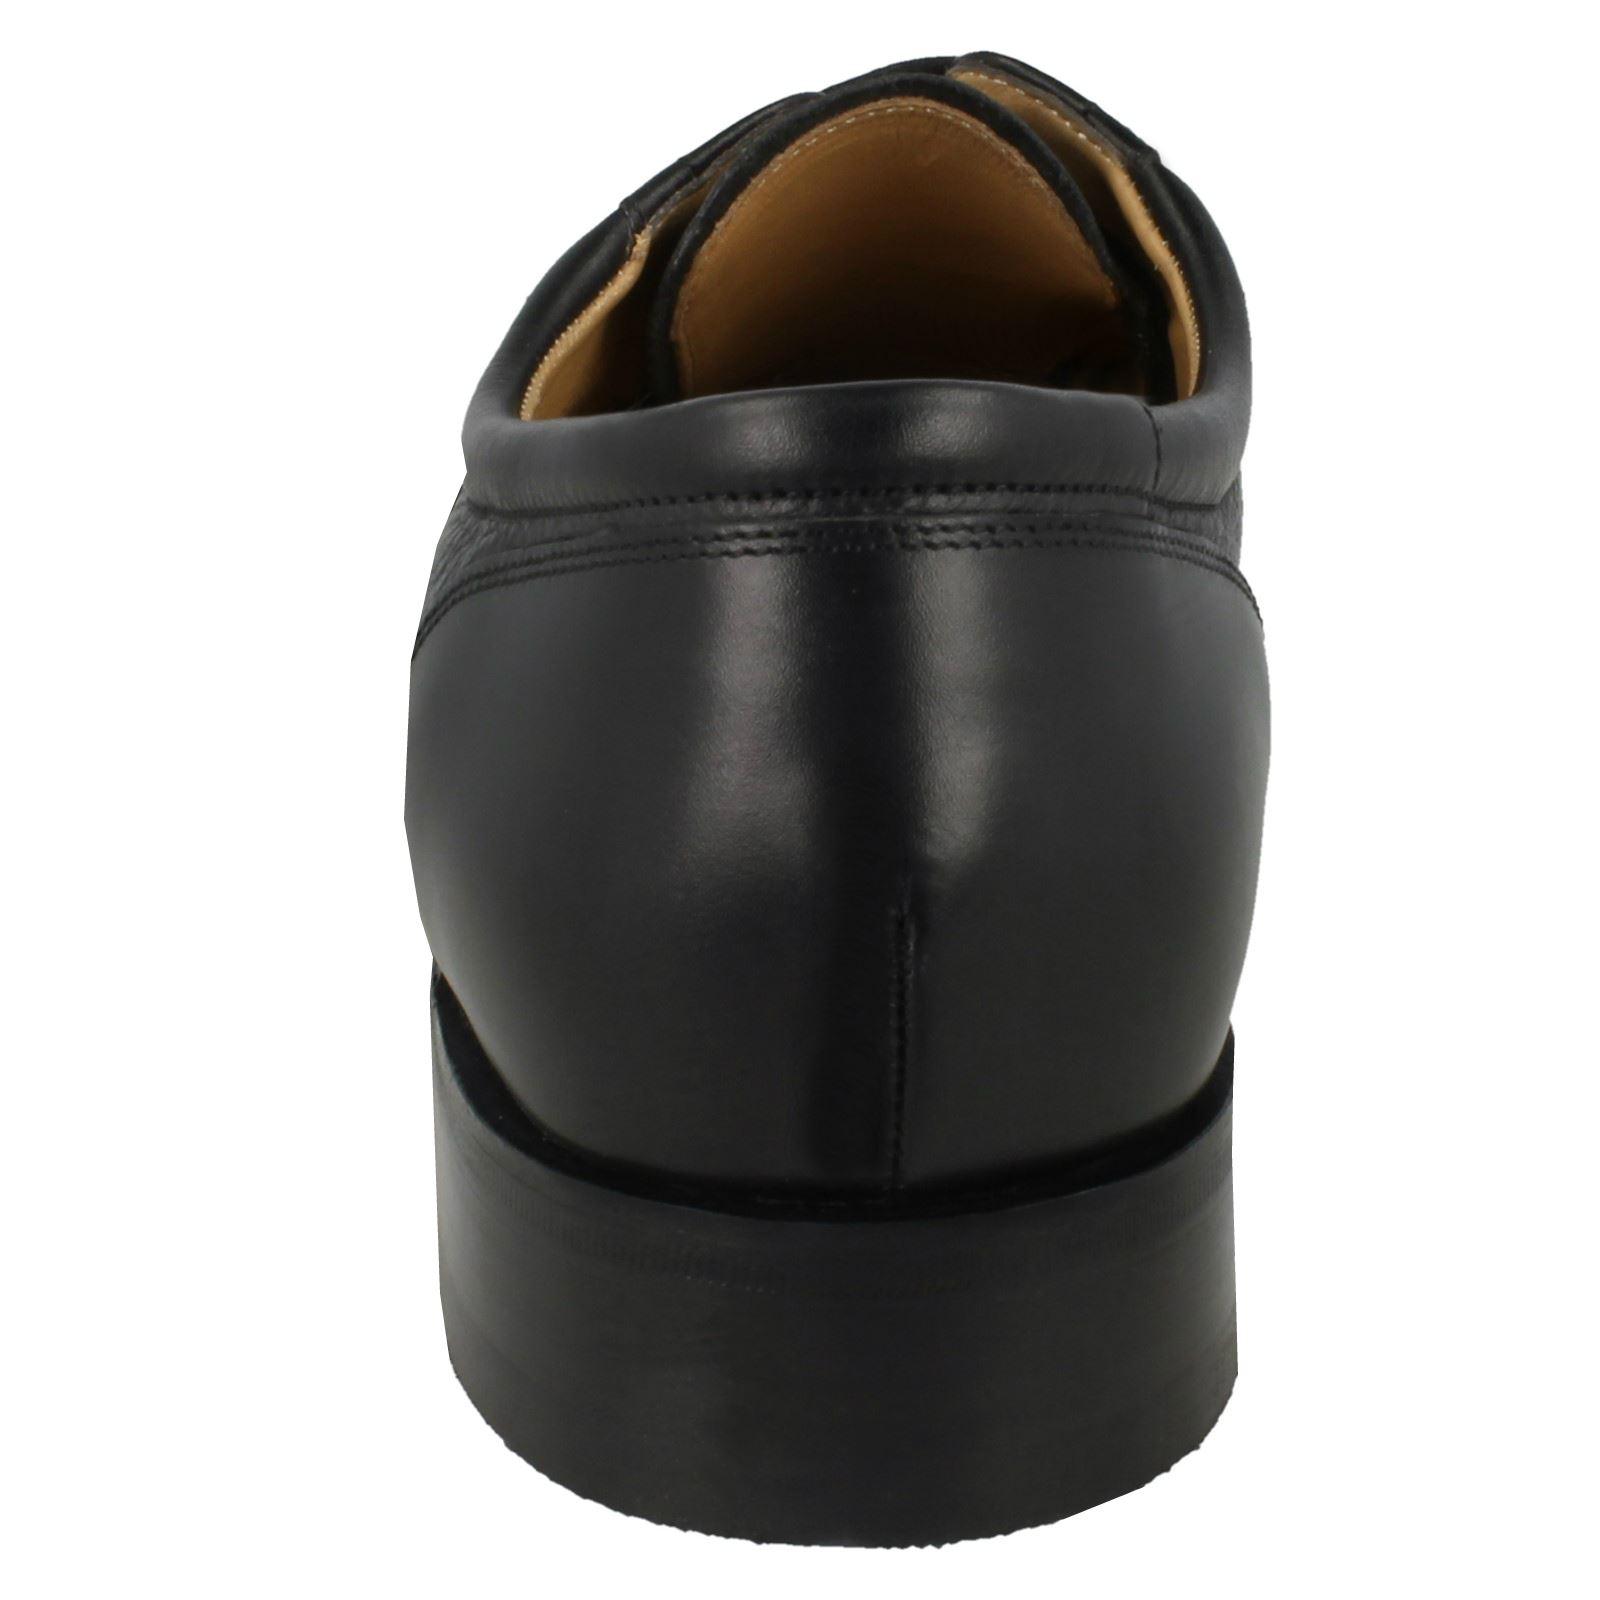 Shoreham black Formal Barker Shoes Mens Blk calf Sofite SR7aw1nW